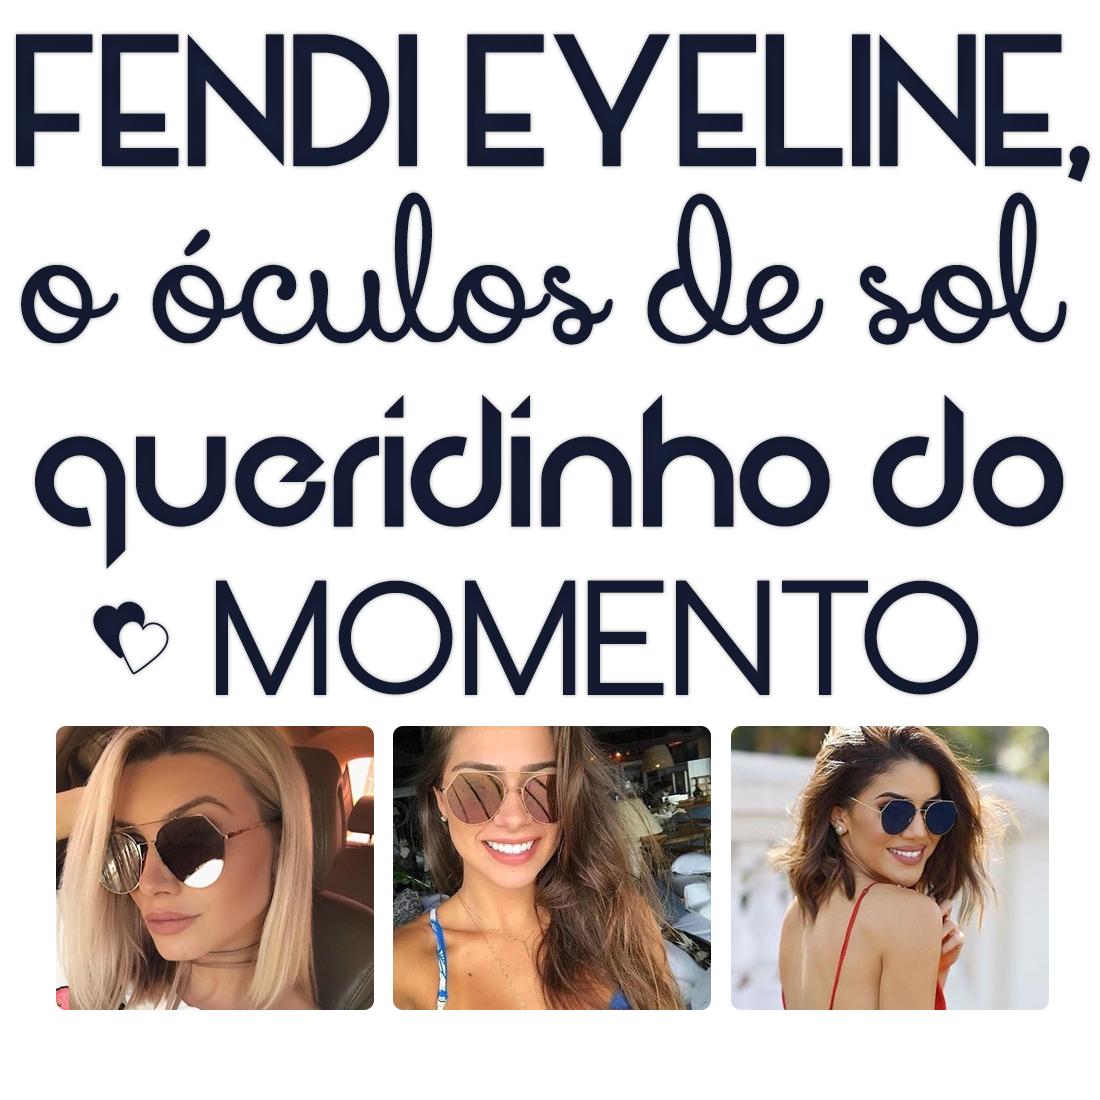 FENDI EYELINE, O ÓCULOS DE SOL QUERIDINHO DO MOMENTO